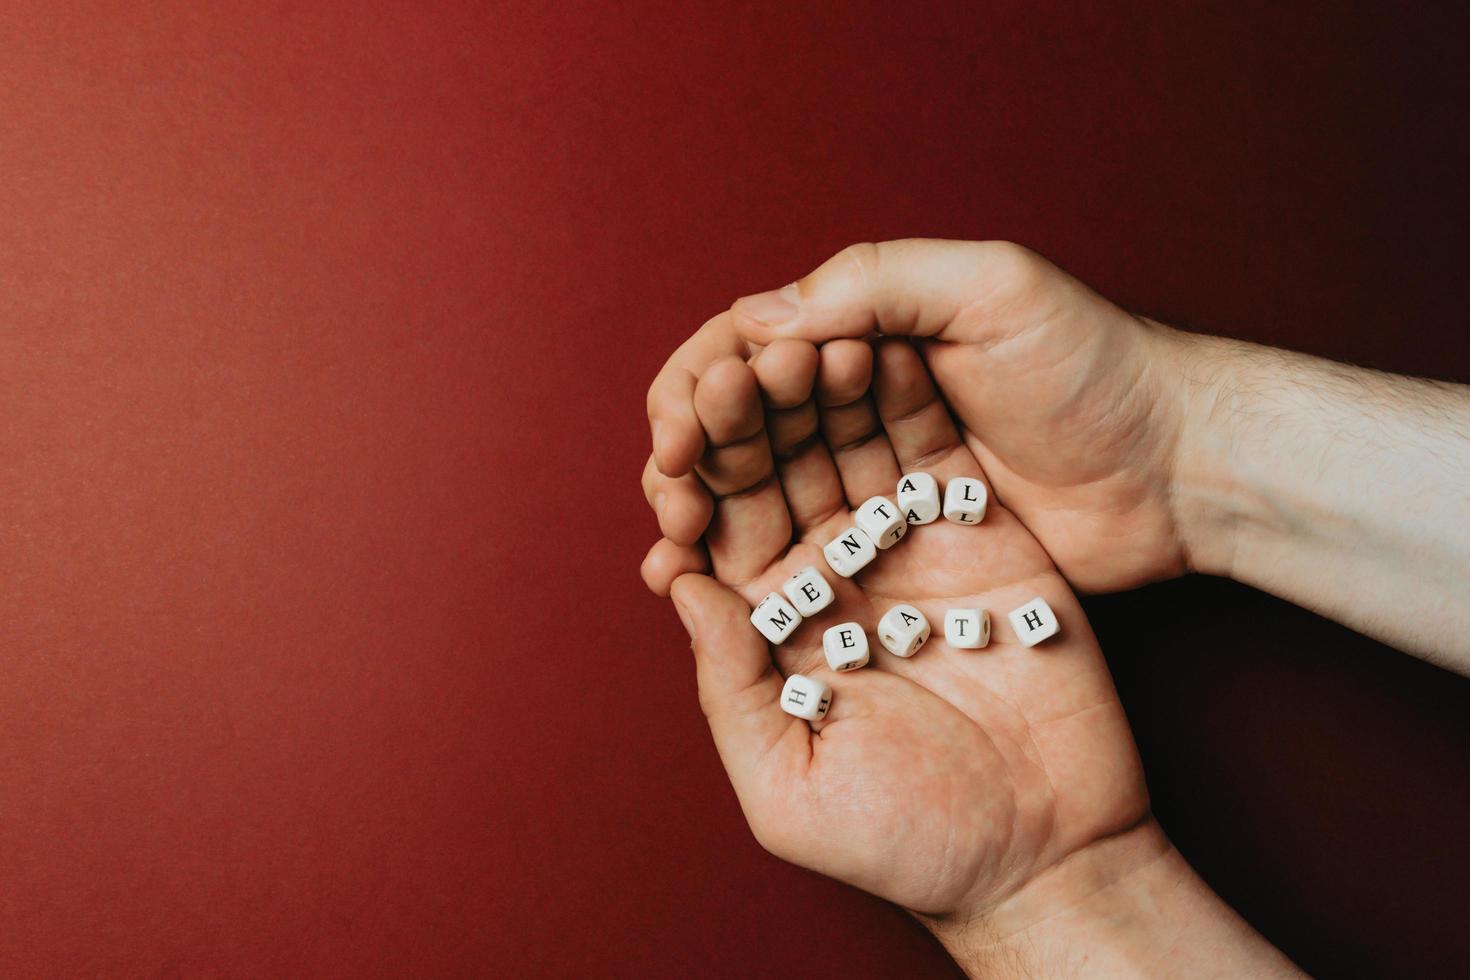 mains tenant un les mots santé mentale sur un fond rouge foncé photo